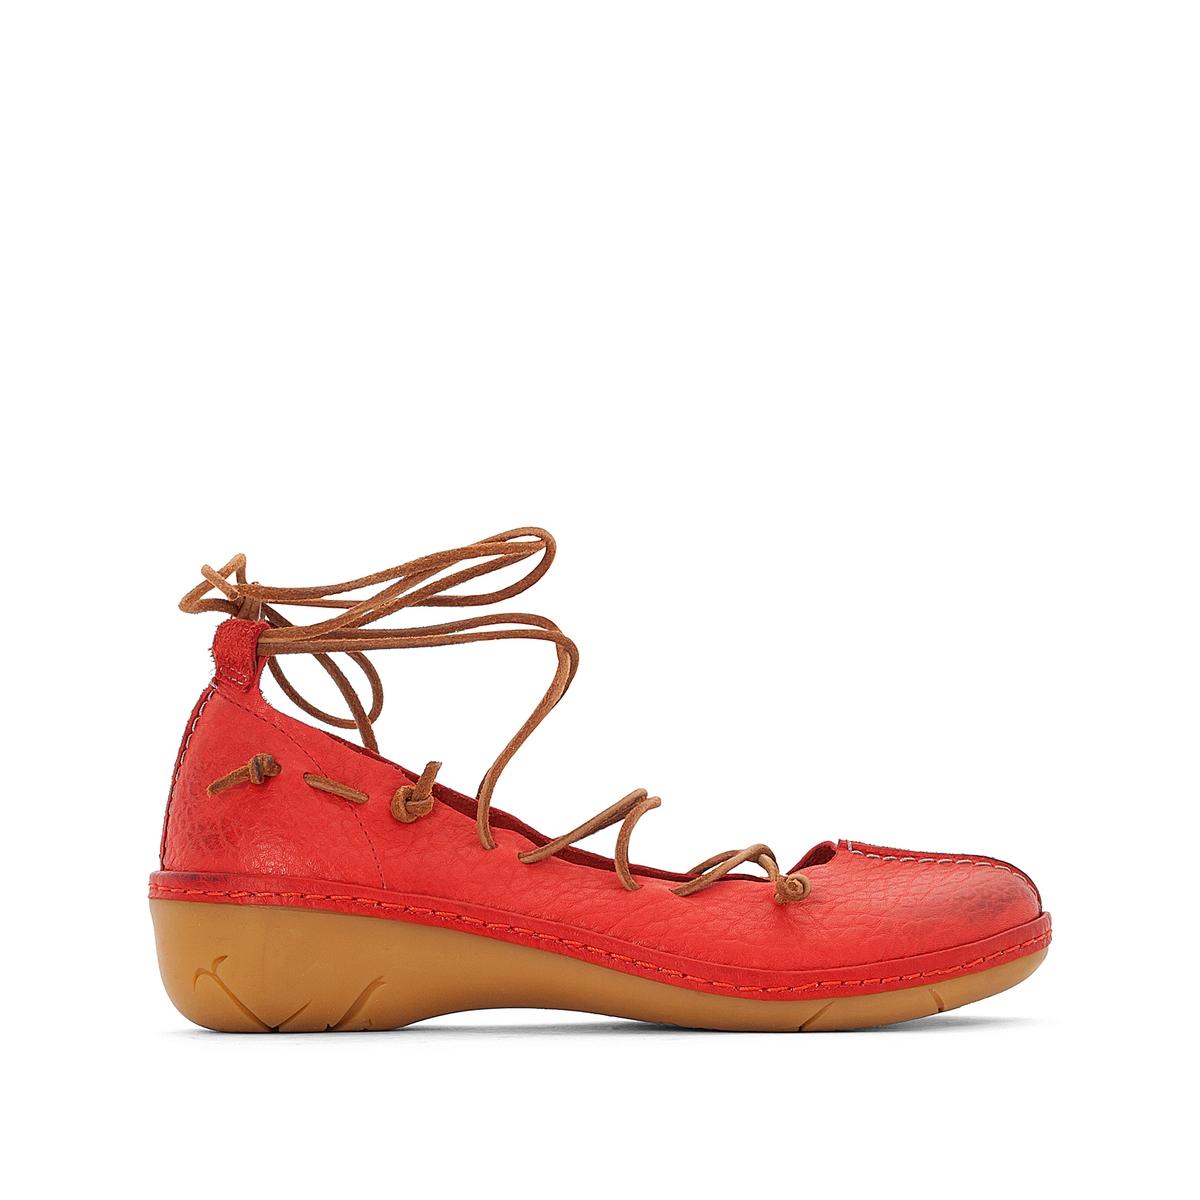 Балетки кожаные на шнуровке NapeaВерх / Голенище: кожа.   Подкладка : кожа.   Стелька : кожа.   Подошва : резина   Высота каблука : 3 см   Форма каблука : плоский каблук   Мысок : закругленный   Застежка : шнуровка<br><br>Цвет: красный<br>Размер: 39